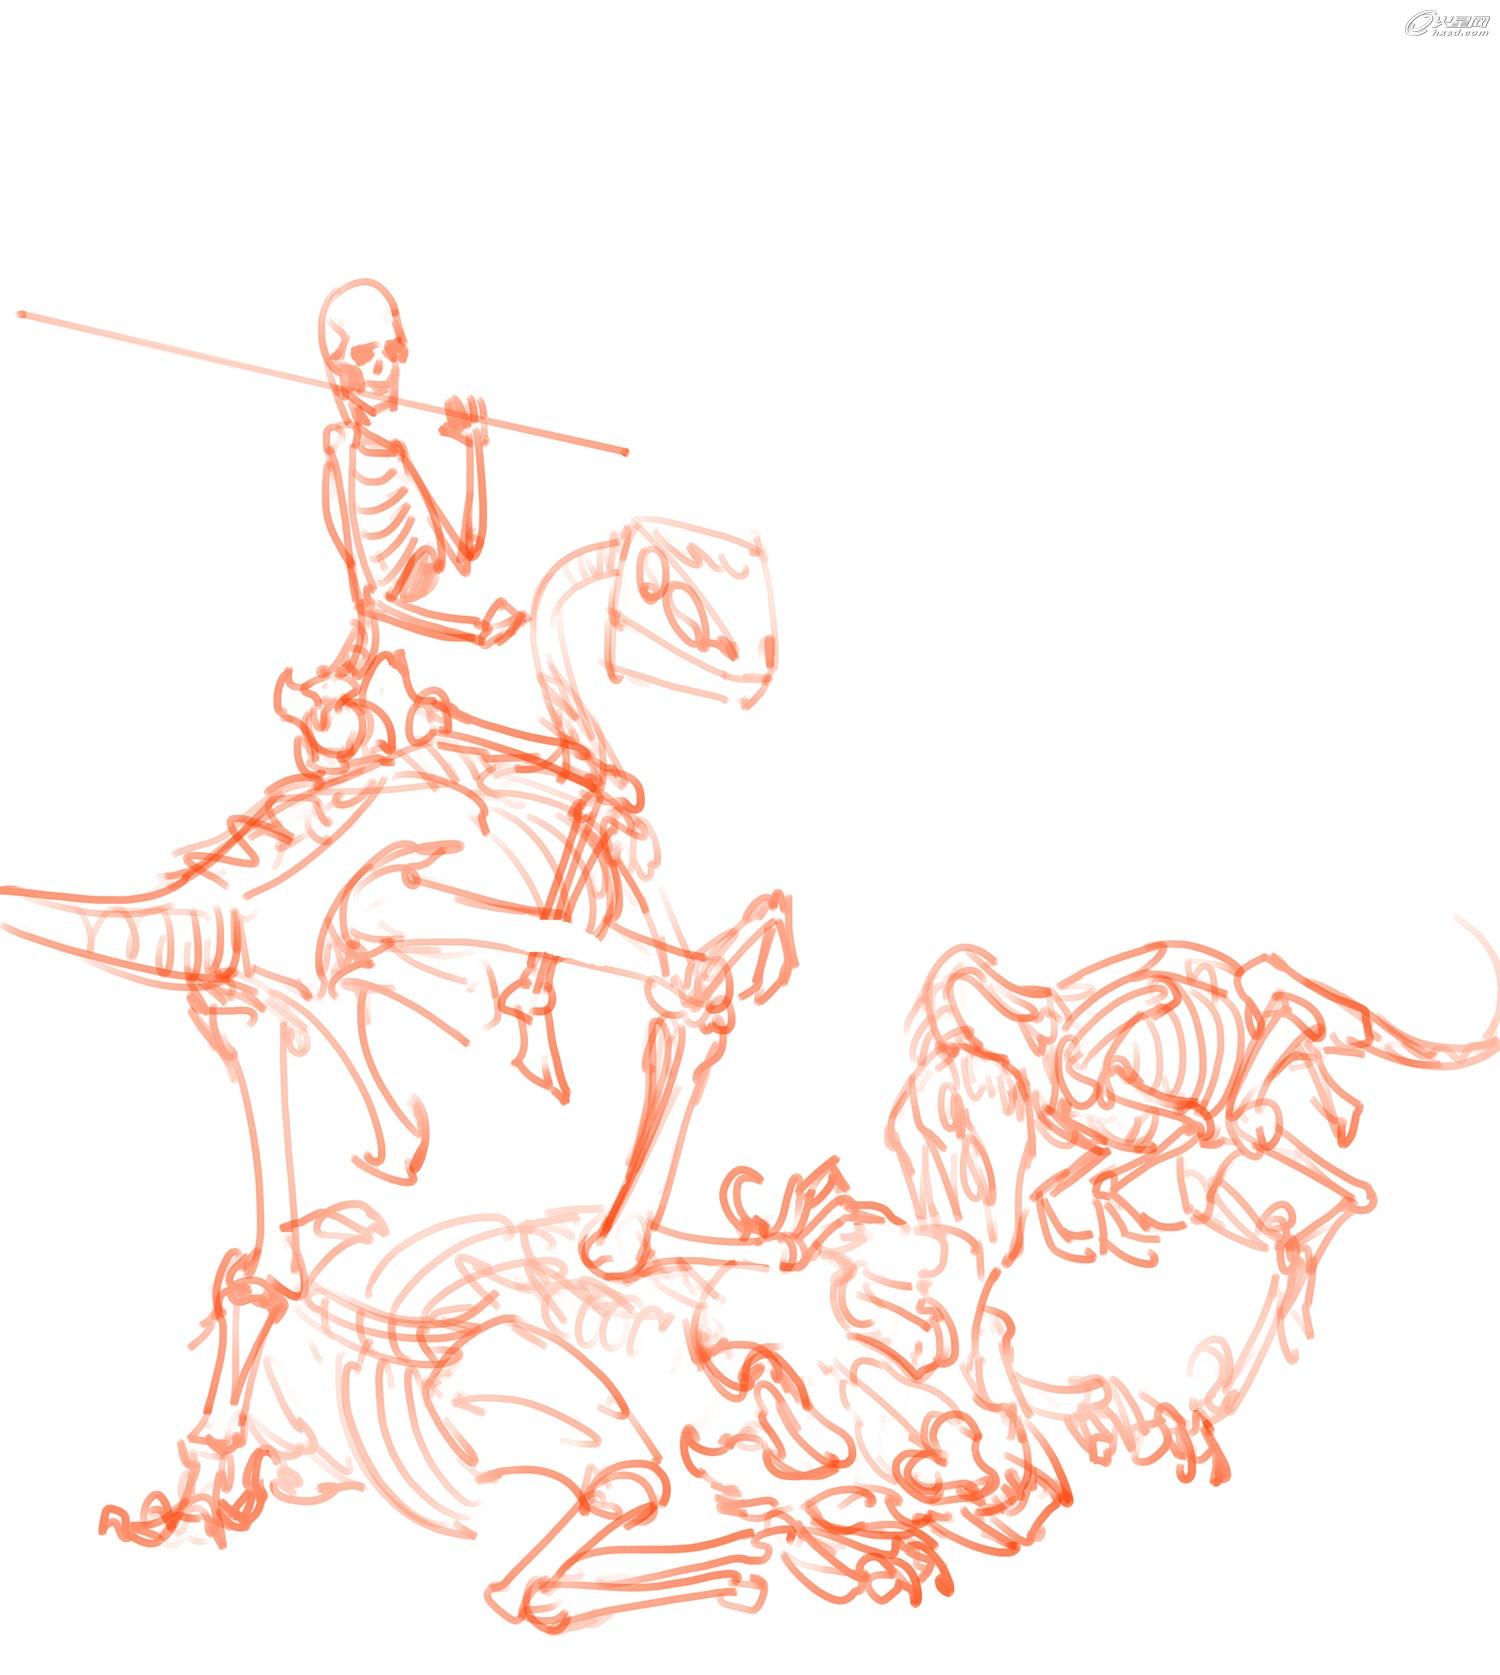 下面附上伶盗龙和剑齿虎的骨骼,人体的骨骼相信大家都很熟悉,在这里就不贴了。观察类似爬行类和鸟类的伶盗龙骨骼和哺乳类的剑齿虎骨骼之间的共同点和区别,可以帮助大家在创作虚构的怪物时画的更加真实可信。(图2)